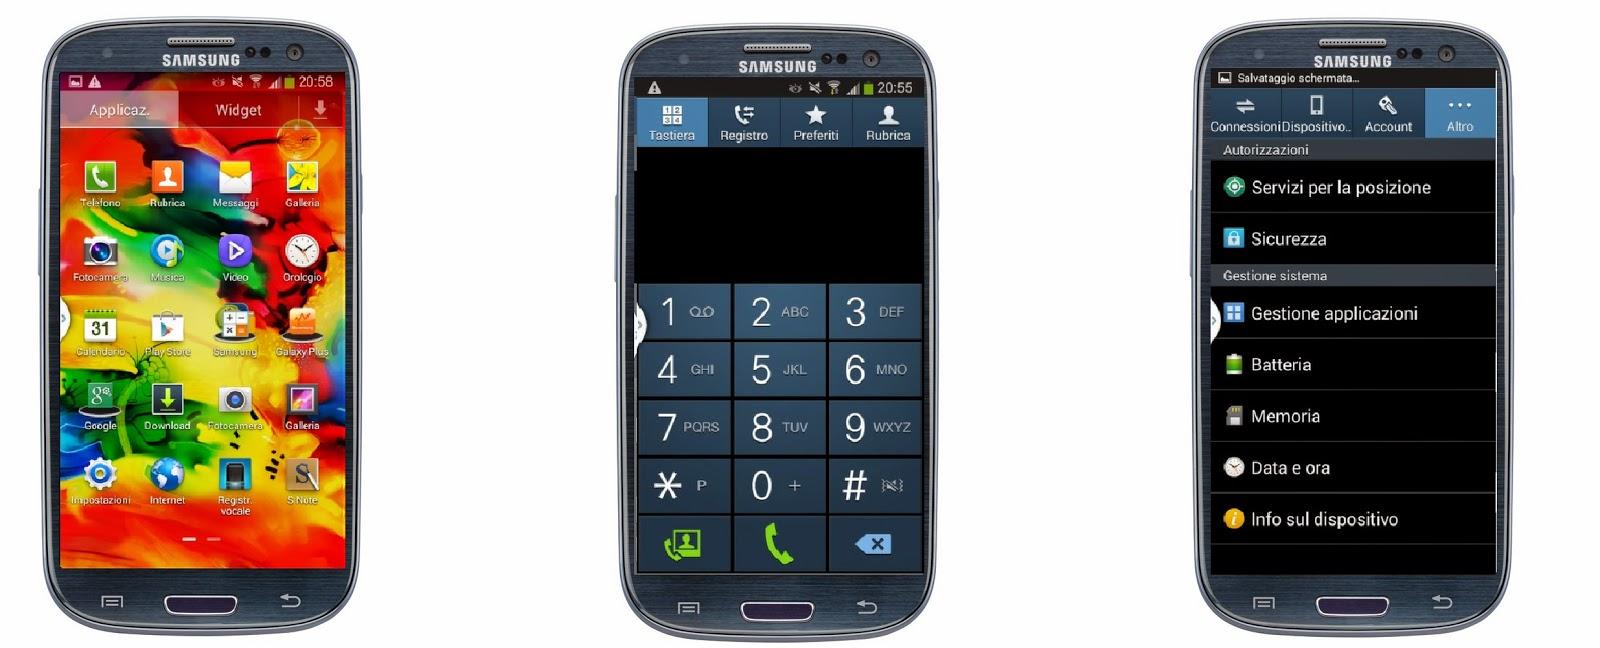 Usiogope Calendario.Phone Trick Maelekezo Jinsi Ya Kuifanya Samsung Galaxy